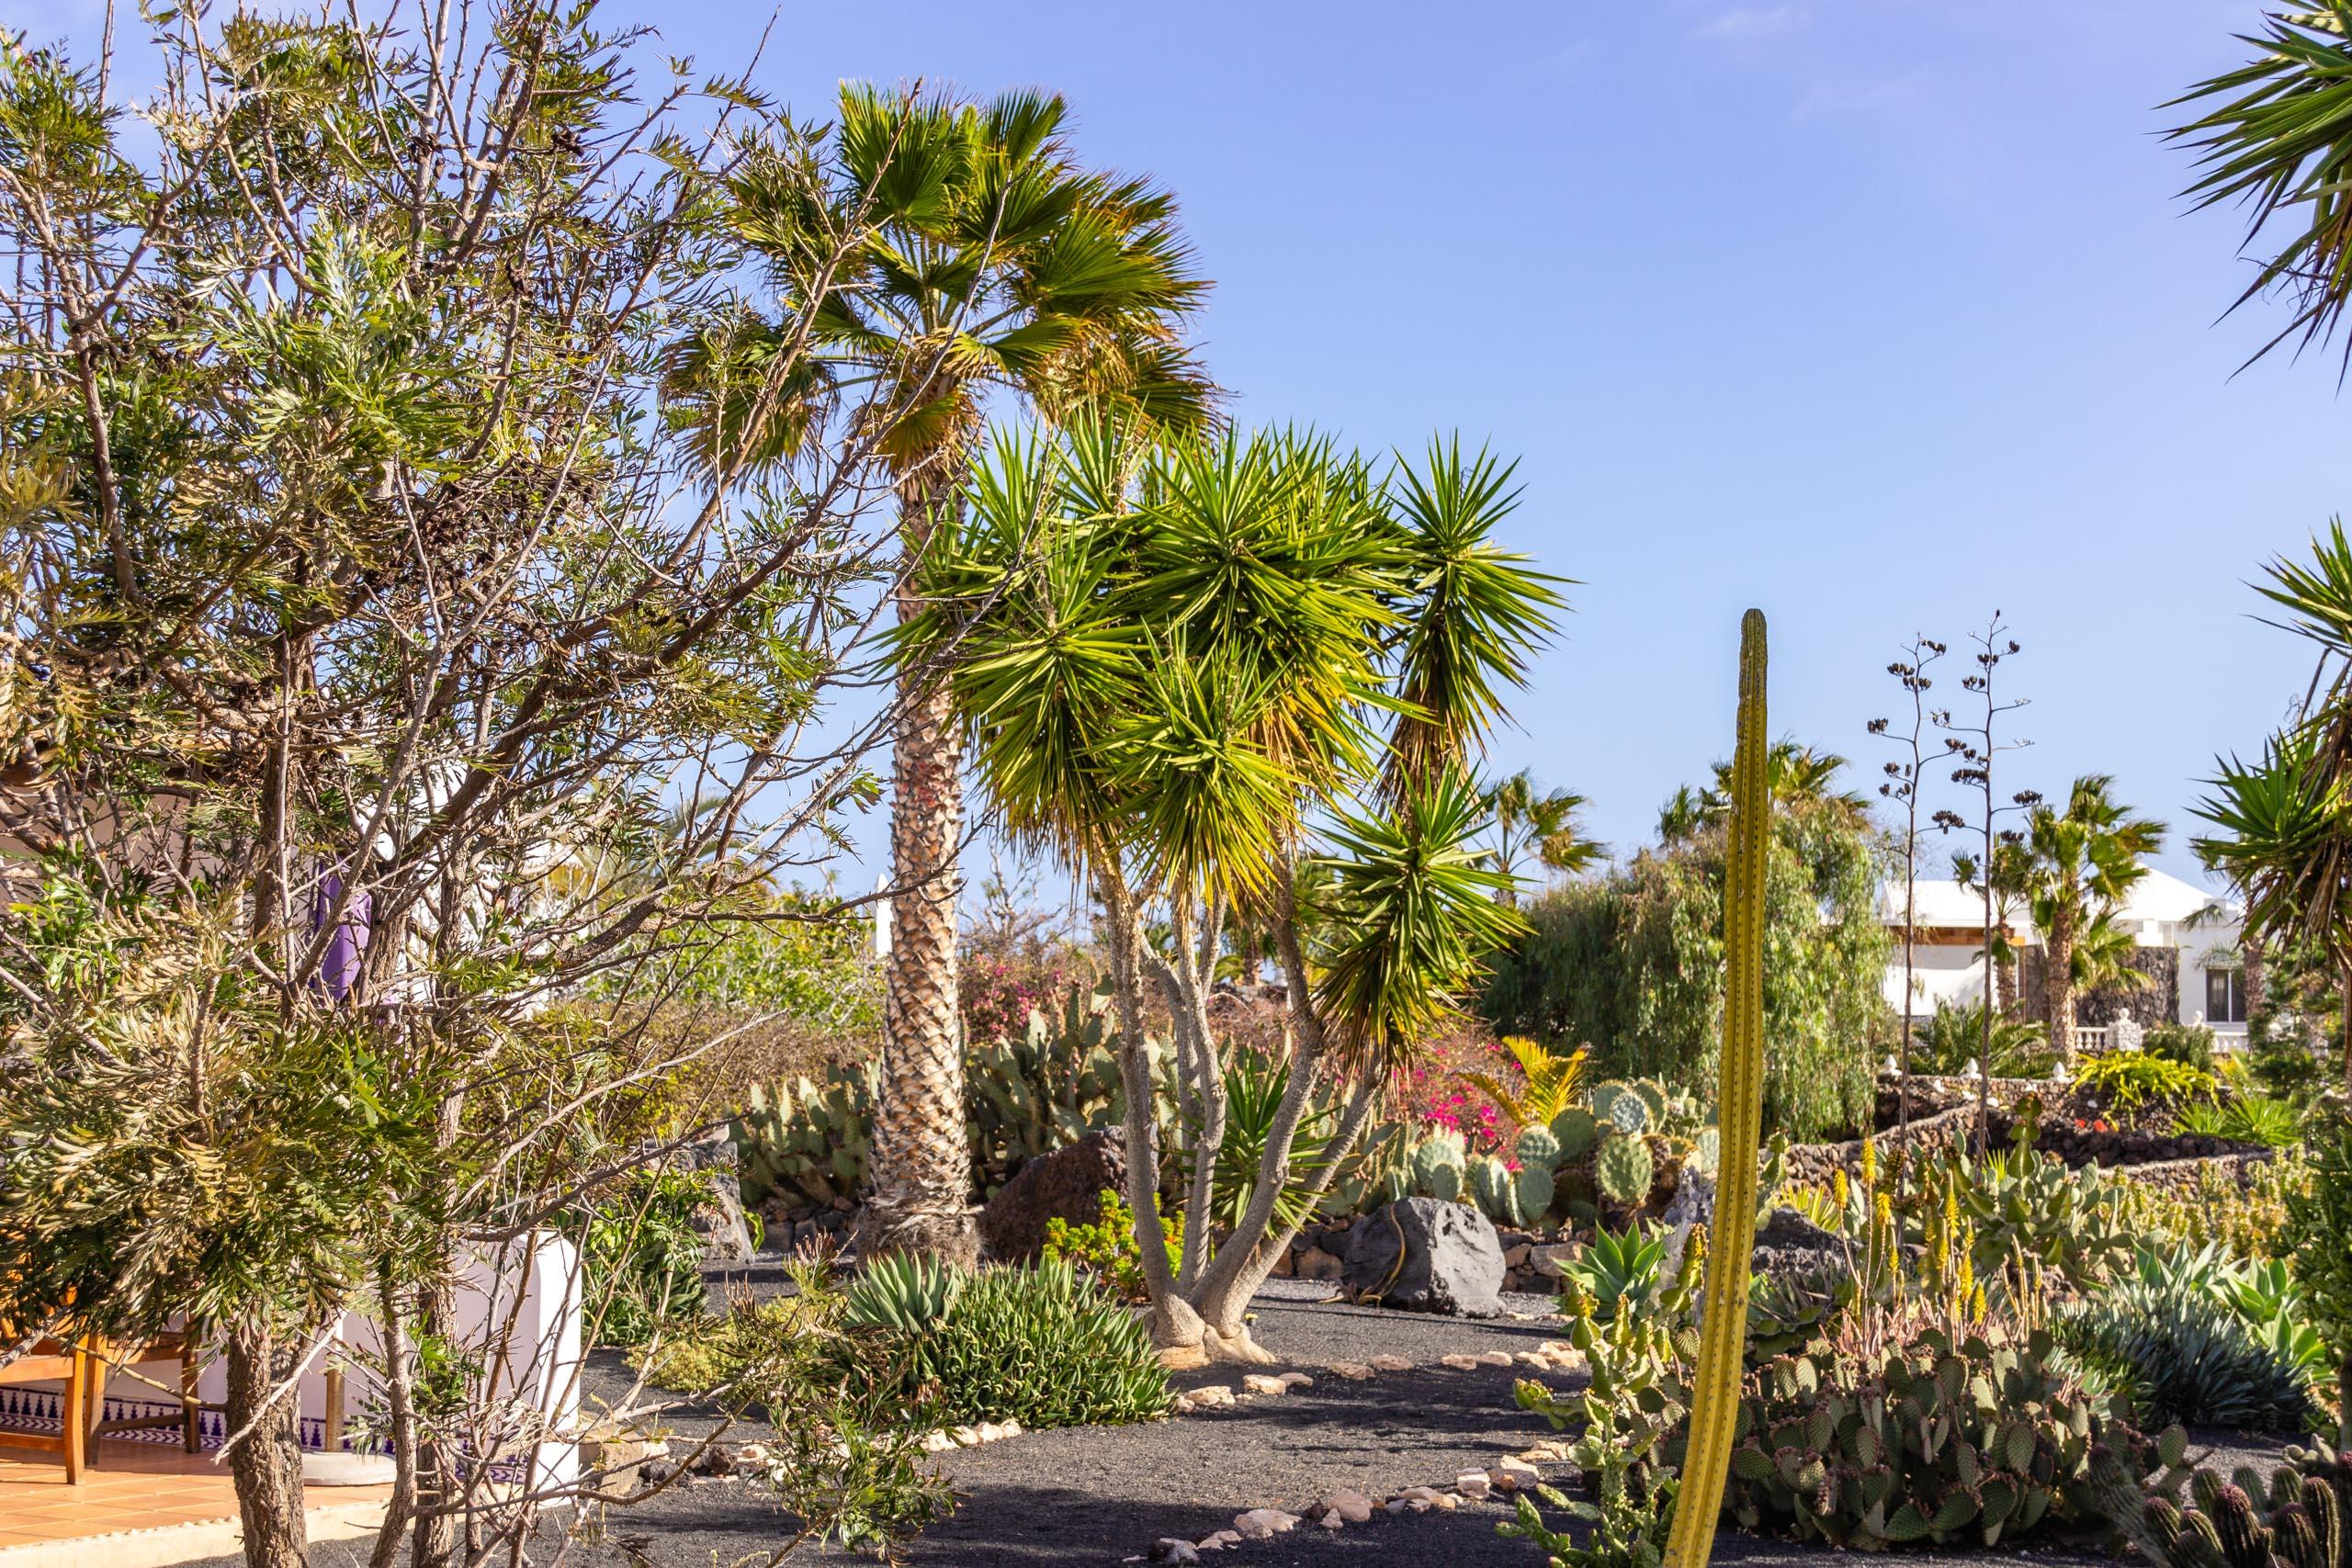 2014 02 Lanzarote Garden 001